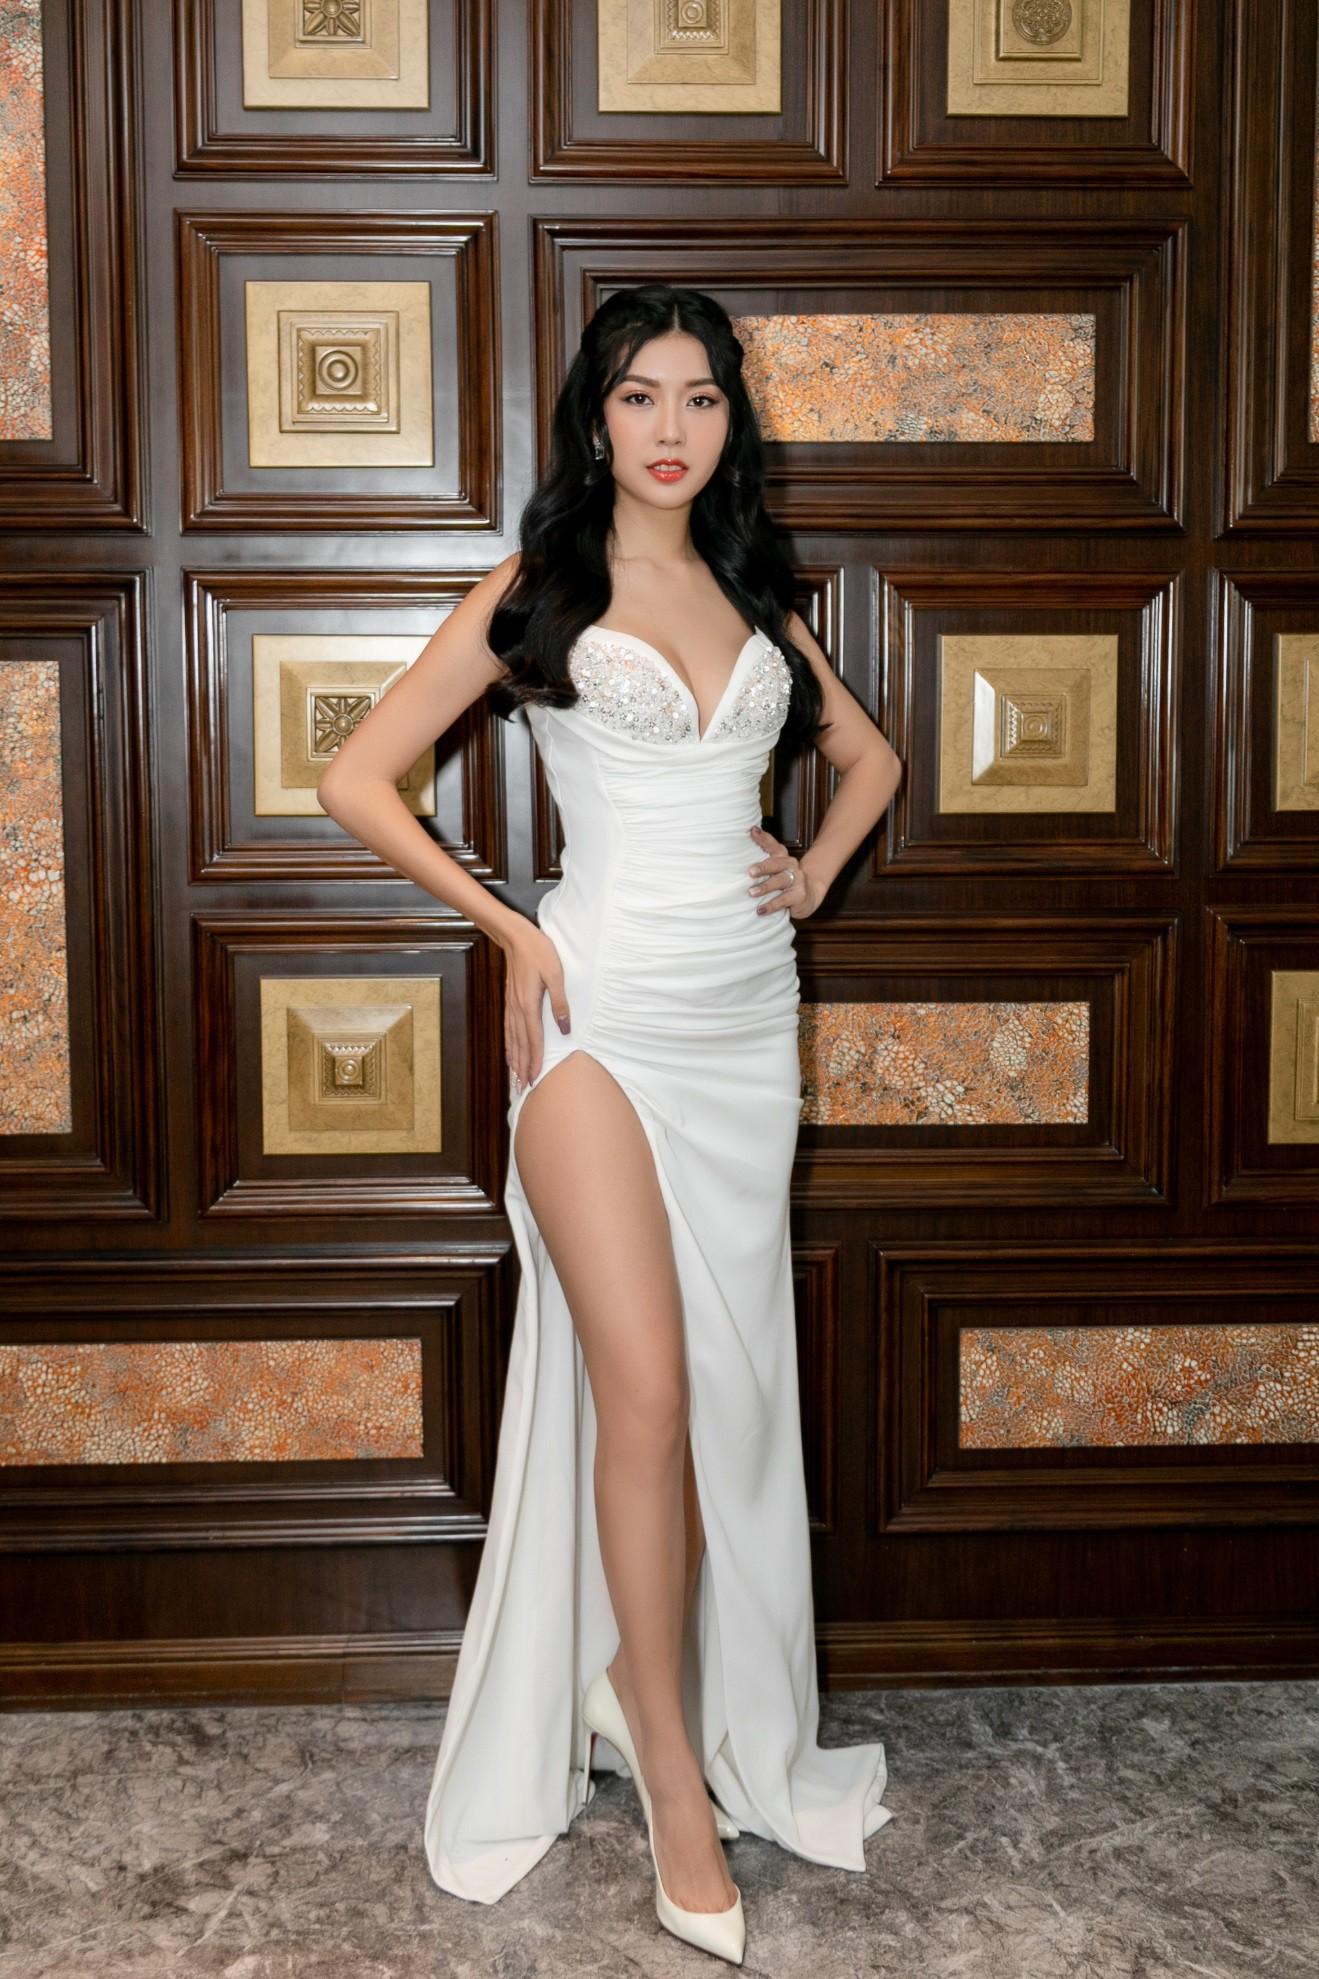 Hariwon, Helly Tống, Sĩ Thanh cùng dàn hoa hậu Việt hào hứng trải nghiệm dòng sản phẩm công nghệ làm đẹp độc đáo - Ảnh 4.